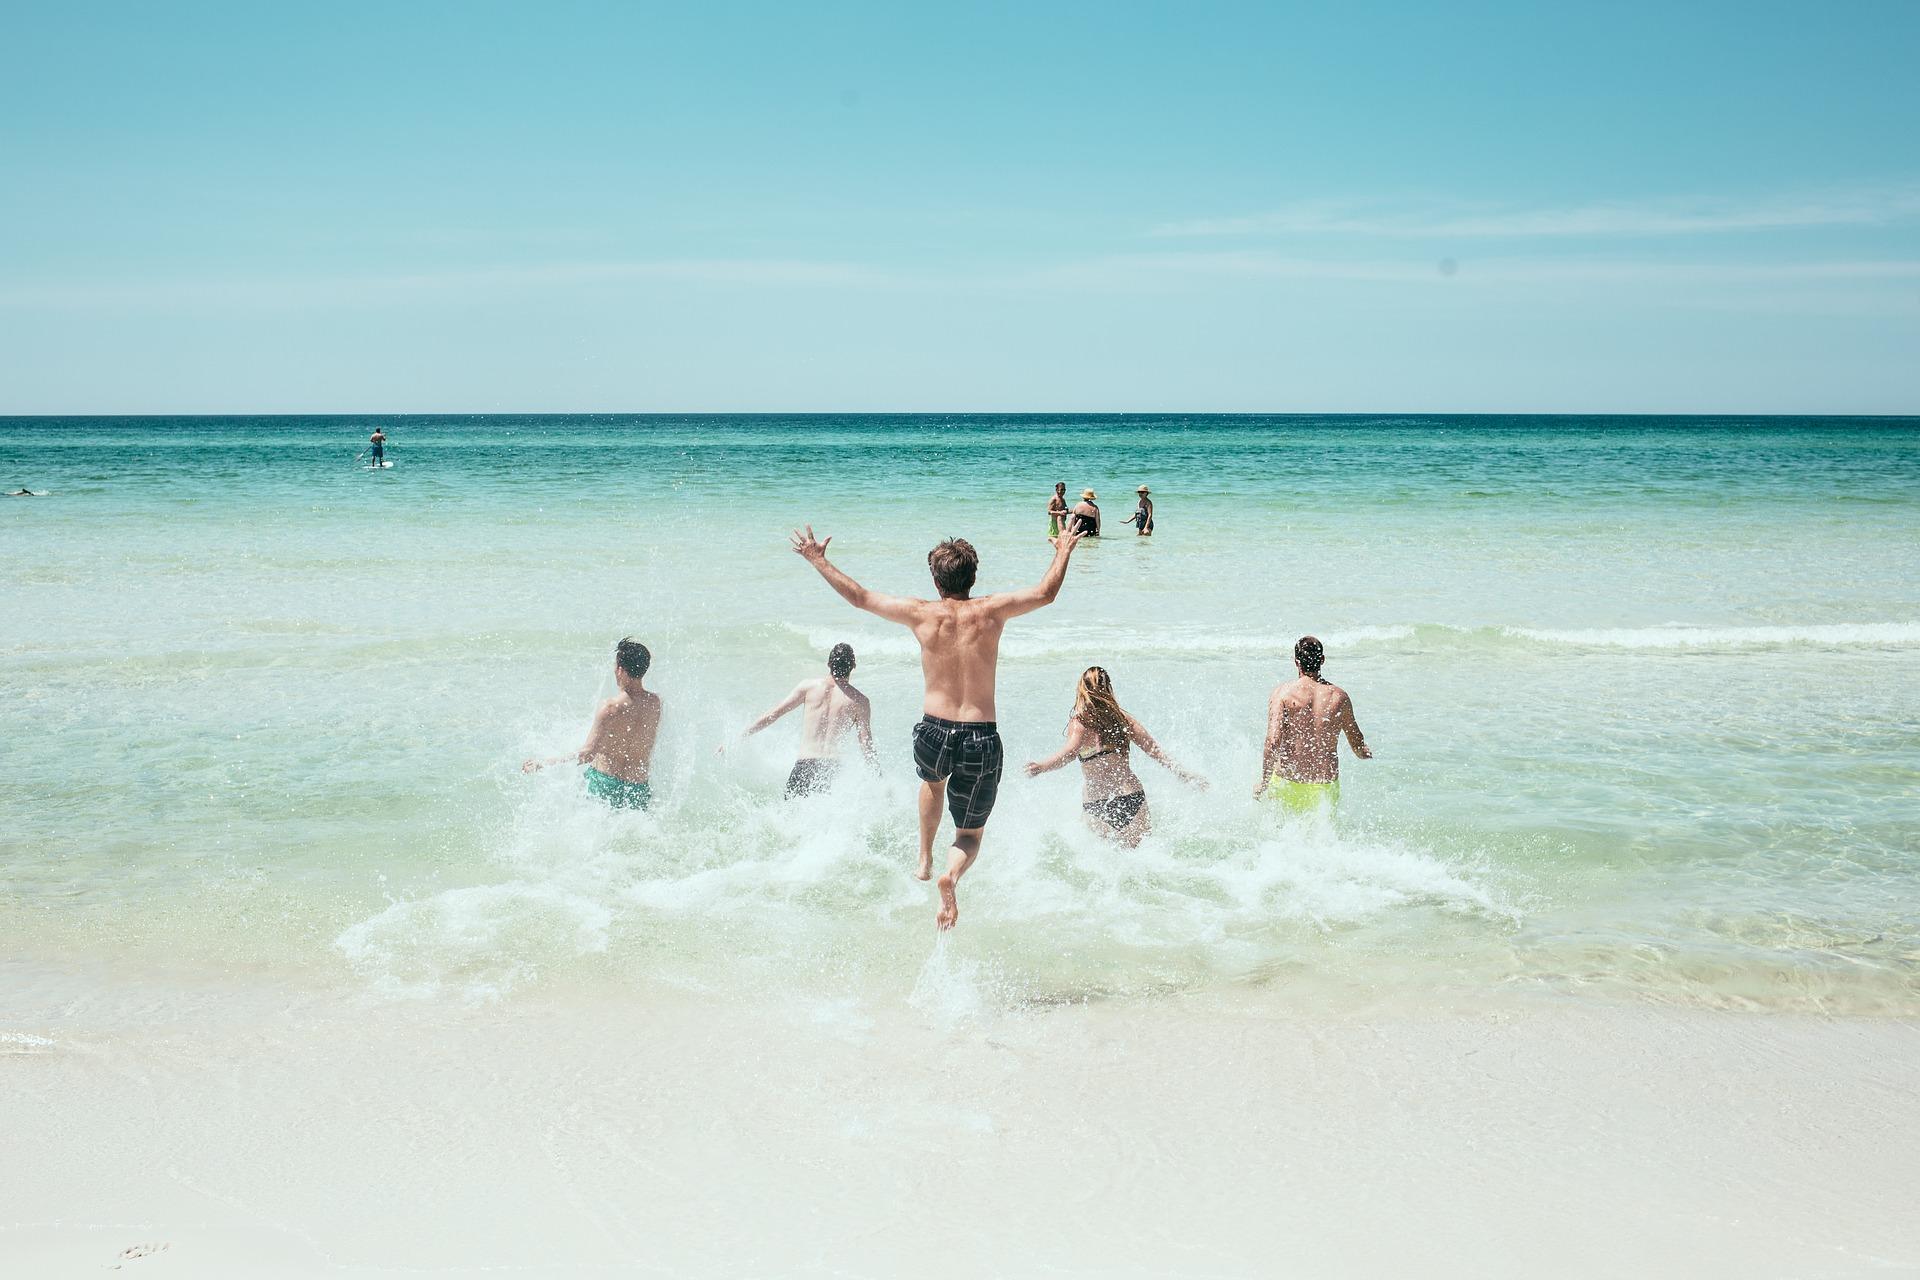 楽しそうに海水浴をする人たちの画像